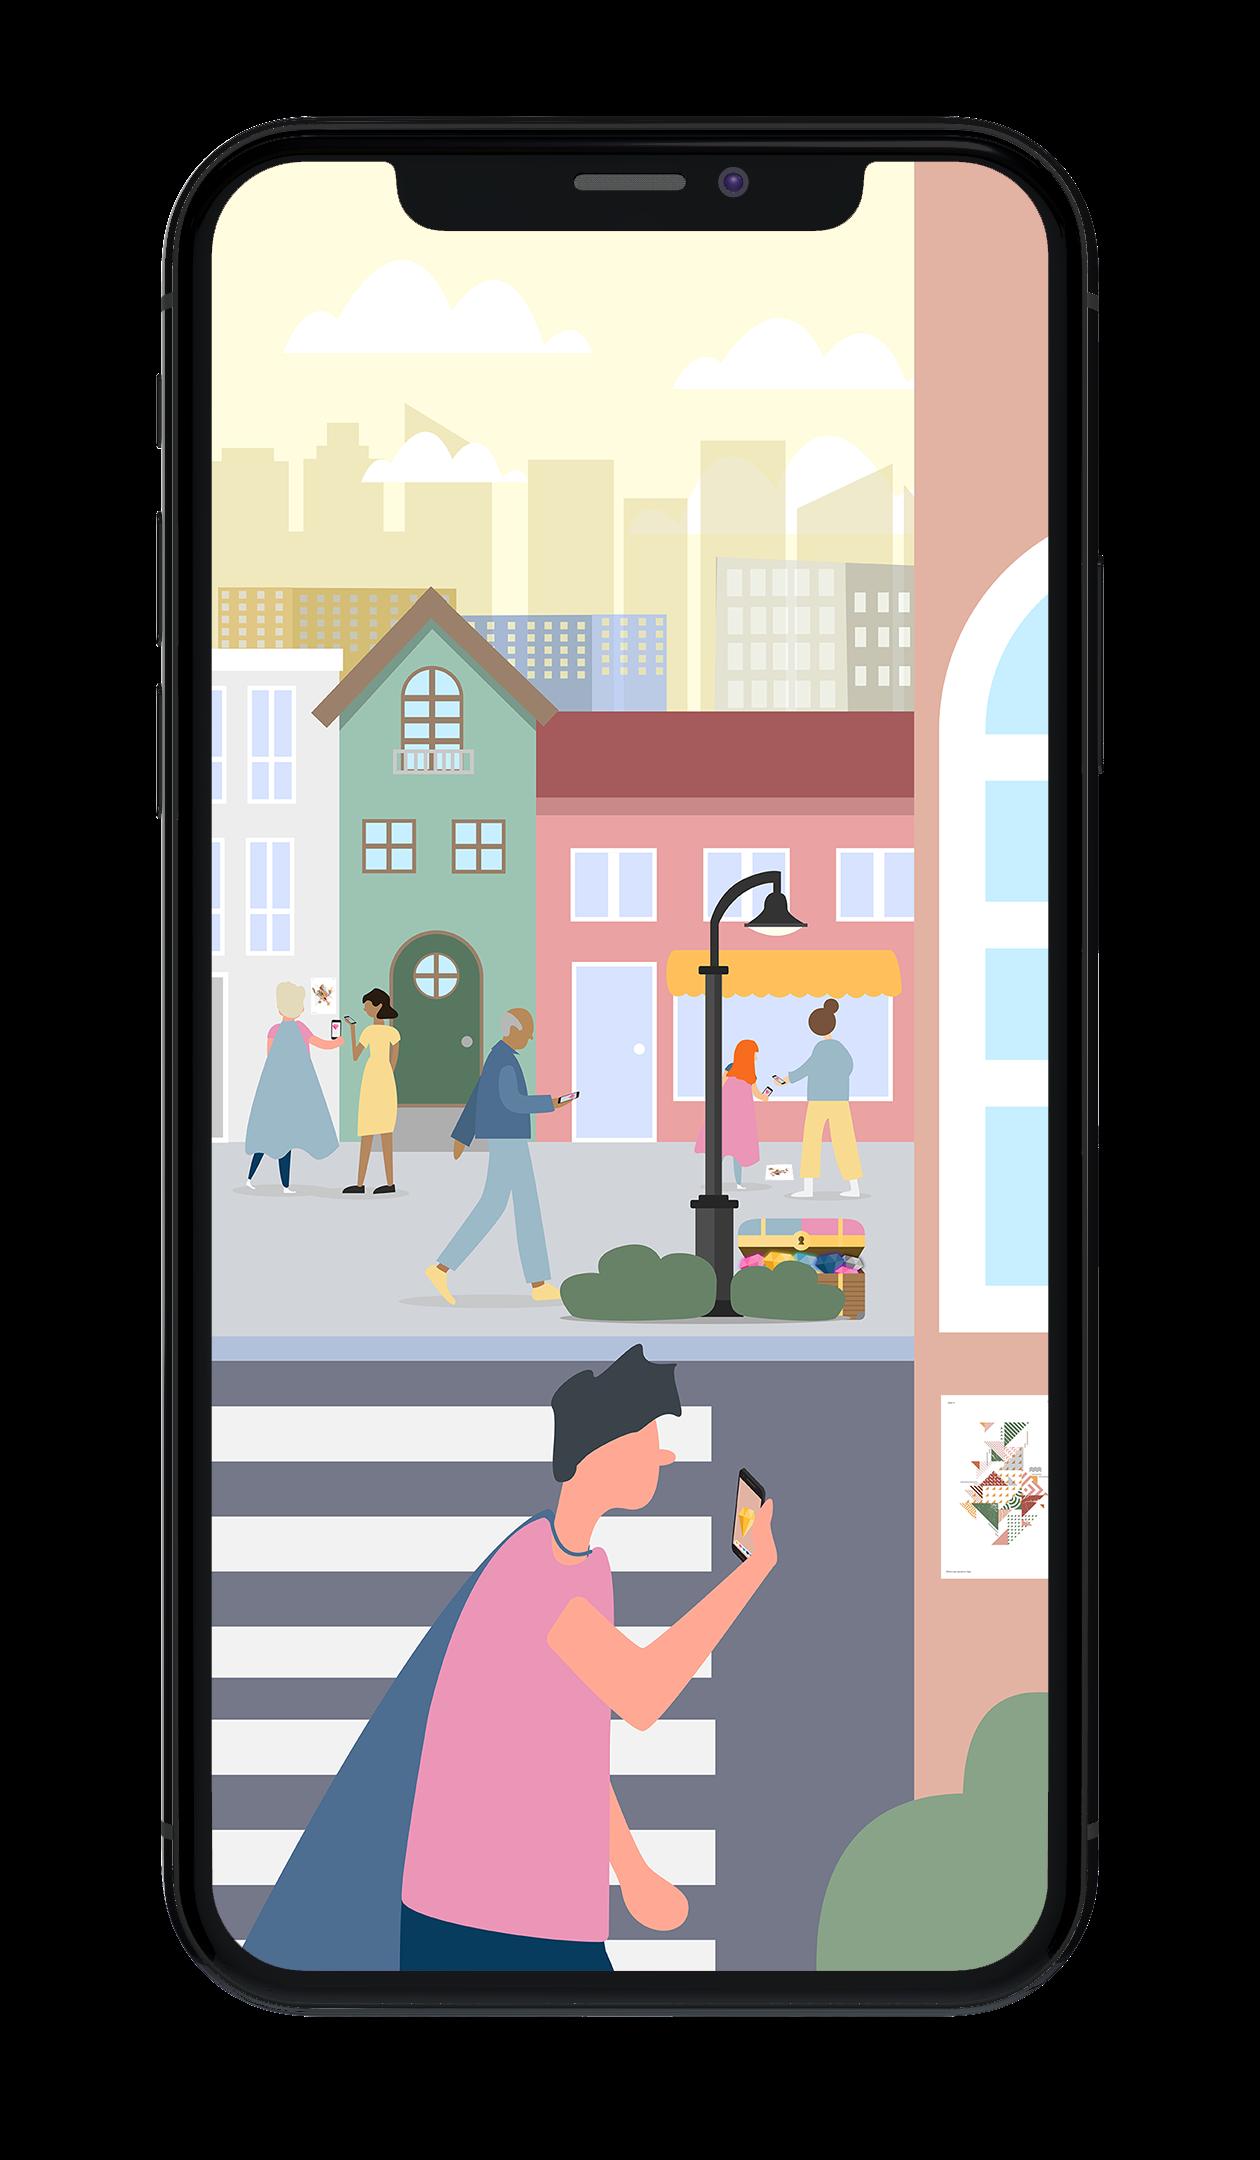 Treasure - Digitala utmaningar i augmented reality som aktiverar, engagerar och konverterar dina besökare till kunder.